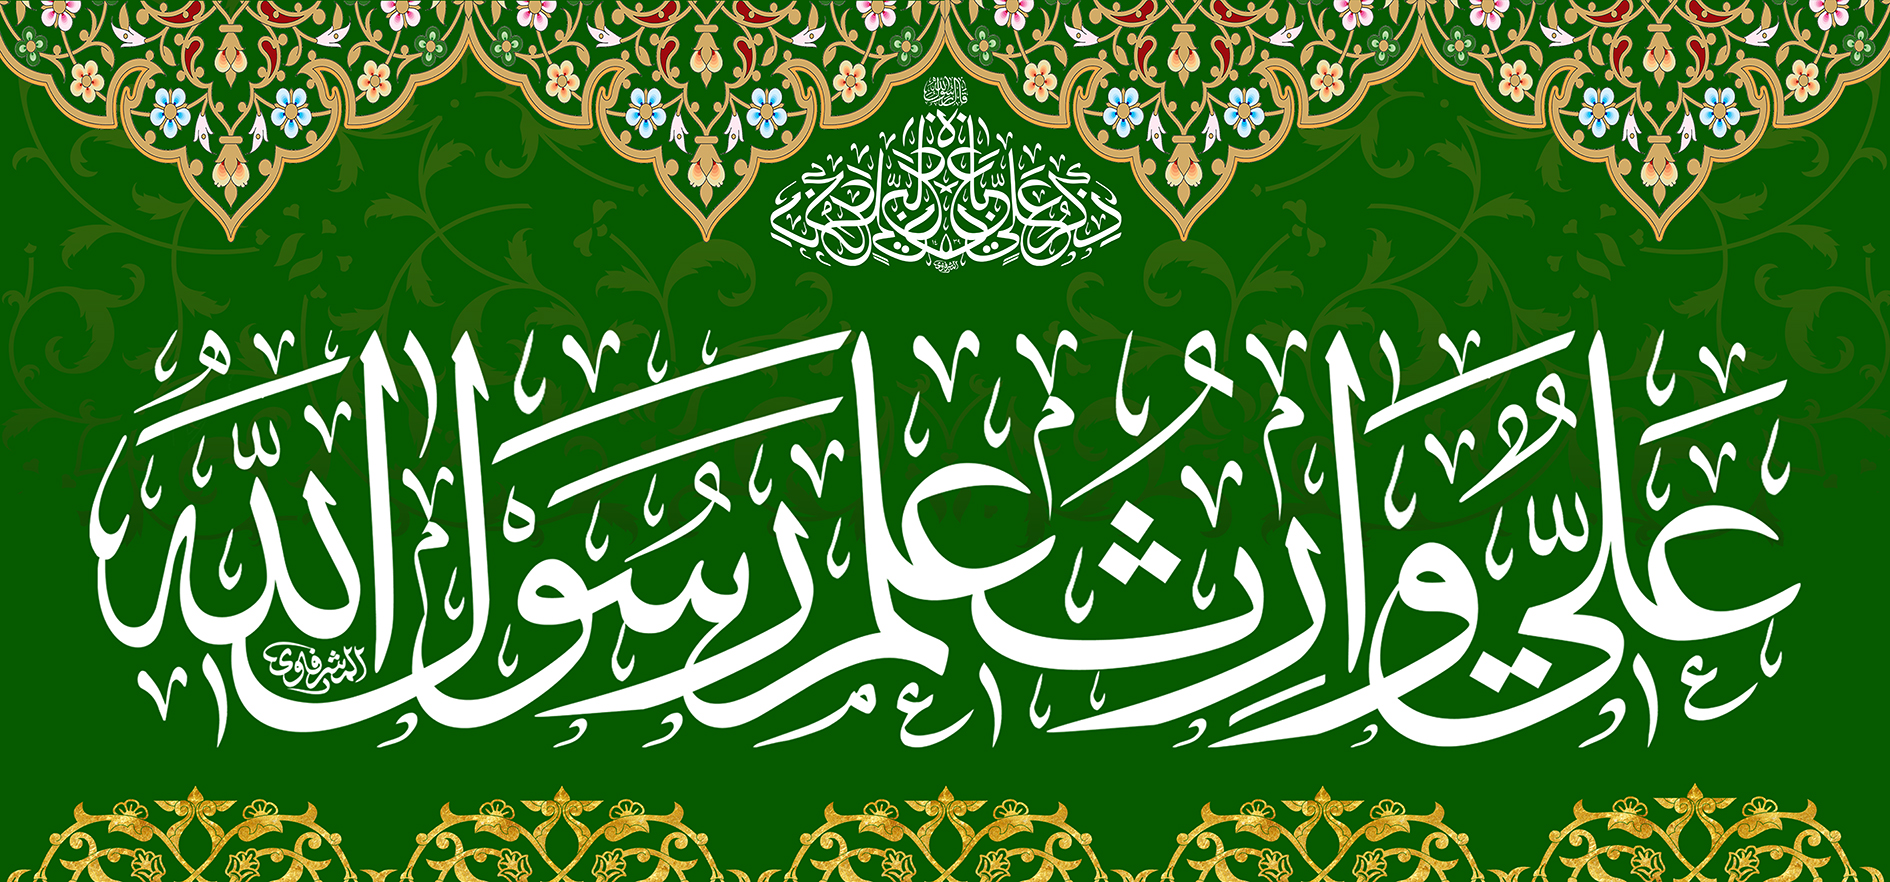 تصویر از پرچم امام علی ( ع ) مدل01546